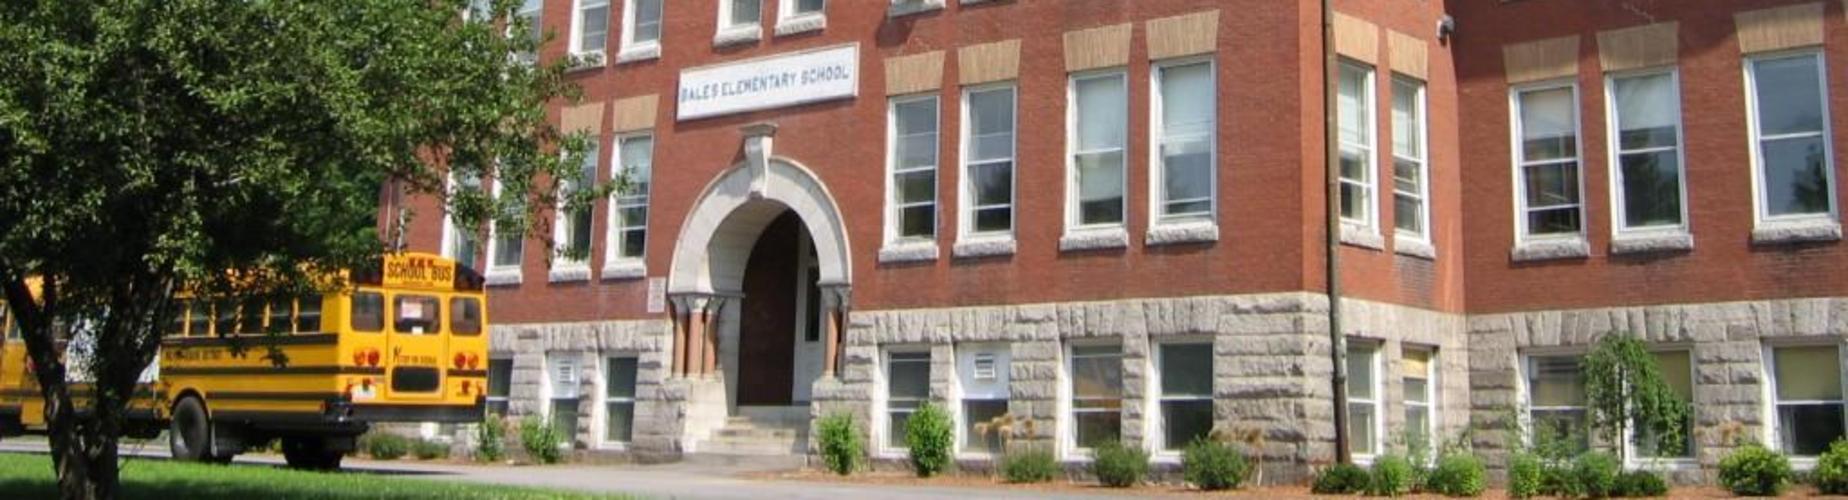 Old Milford High School